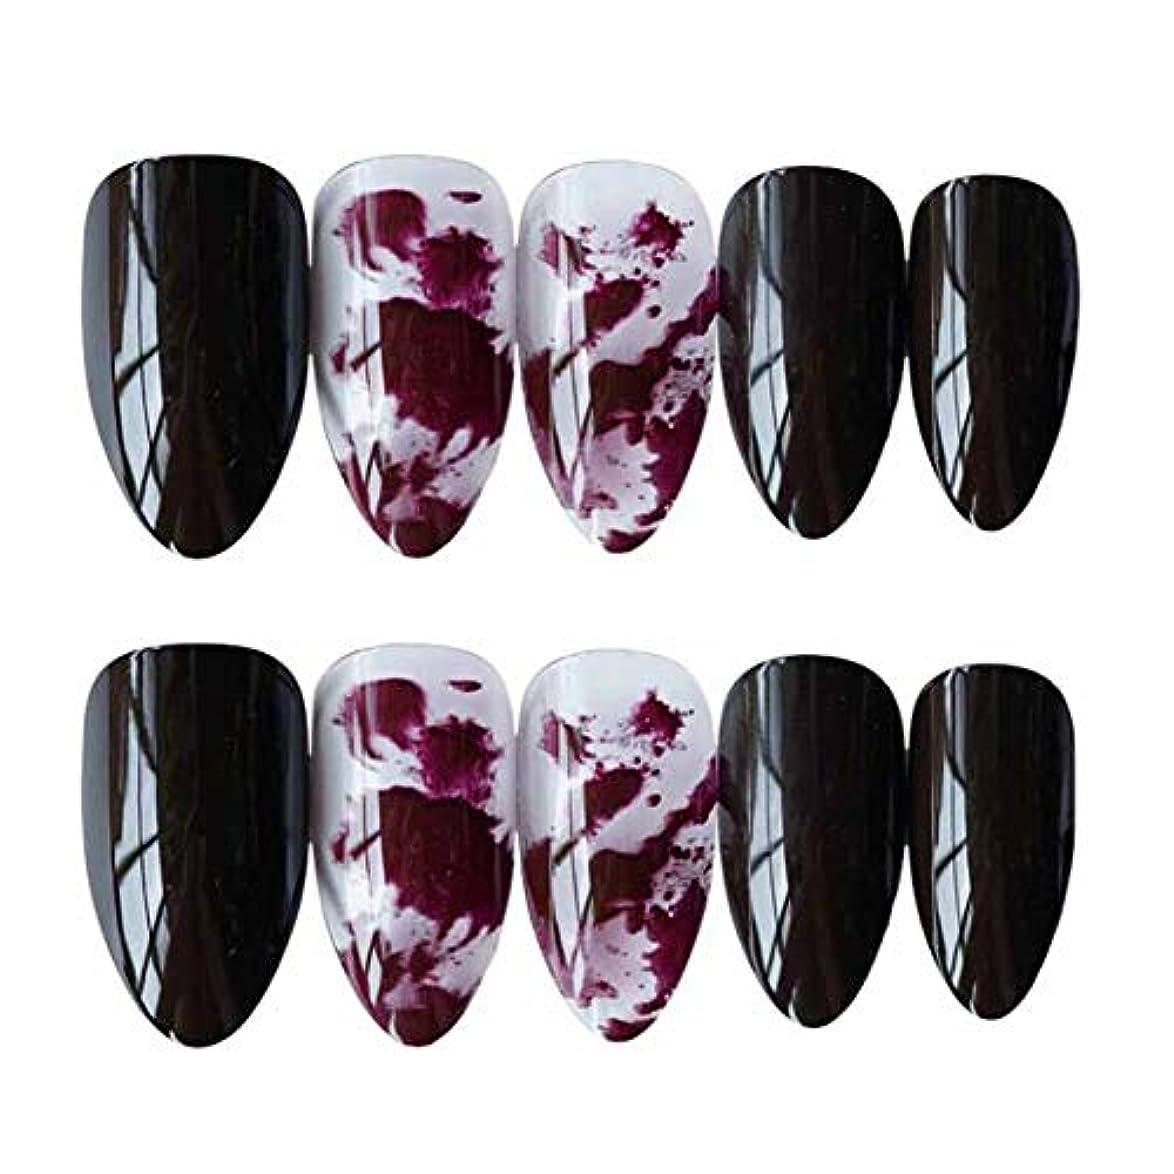 利点粒明日スプラッシュインクダークレッド/ブラック 鋭い偽爪人工偽爪のヒント